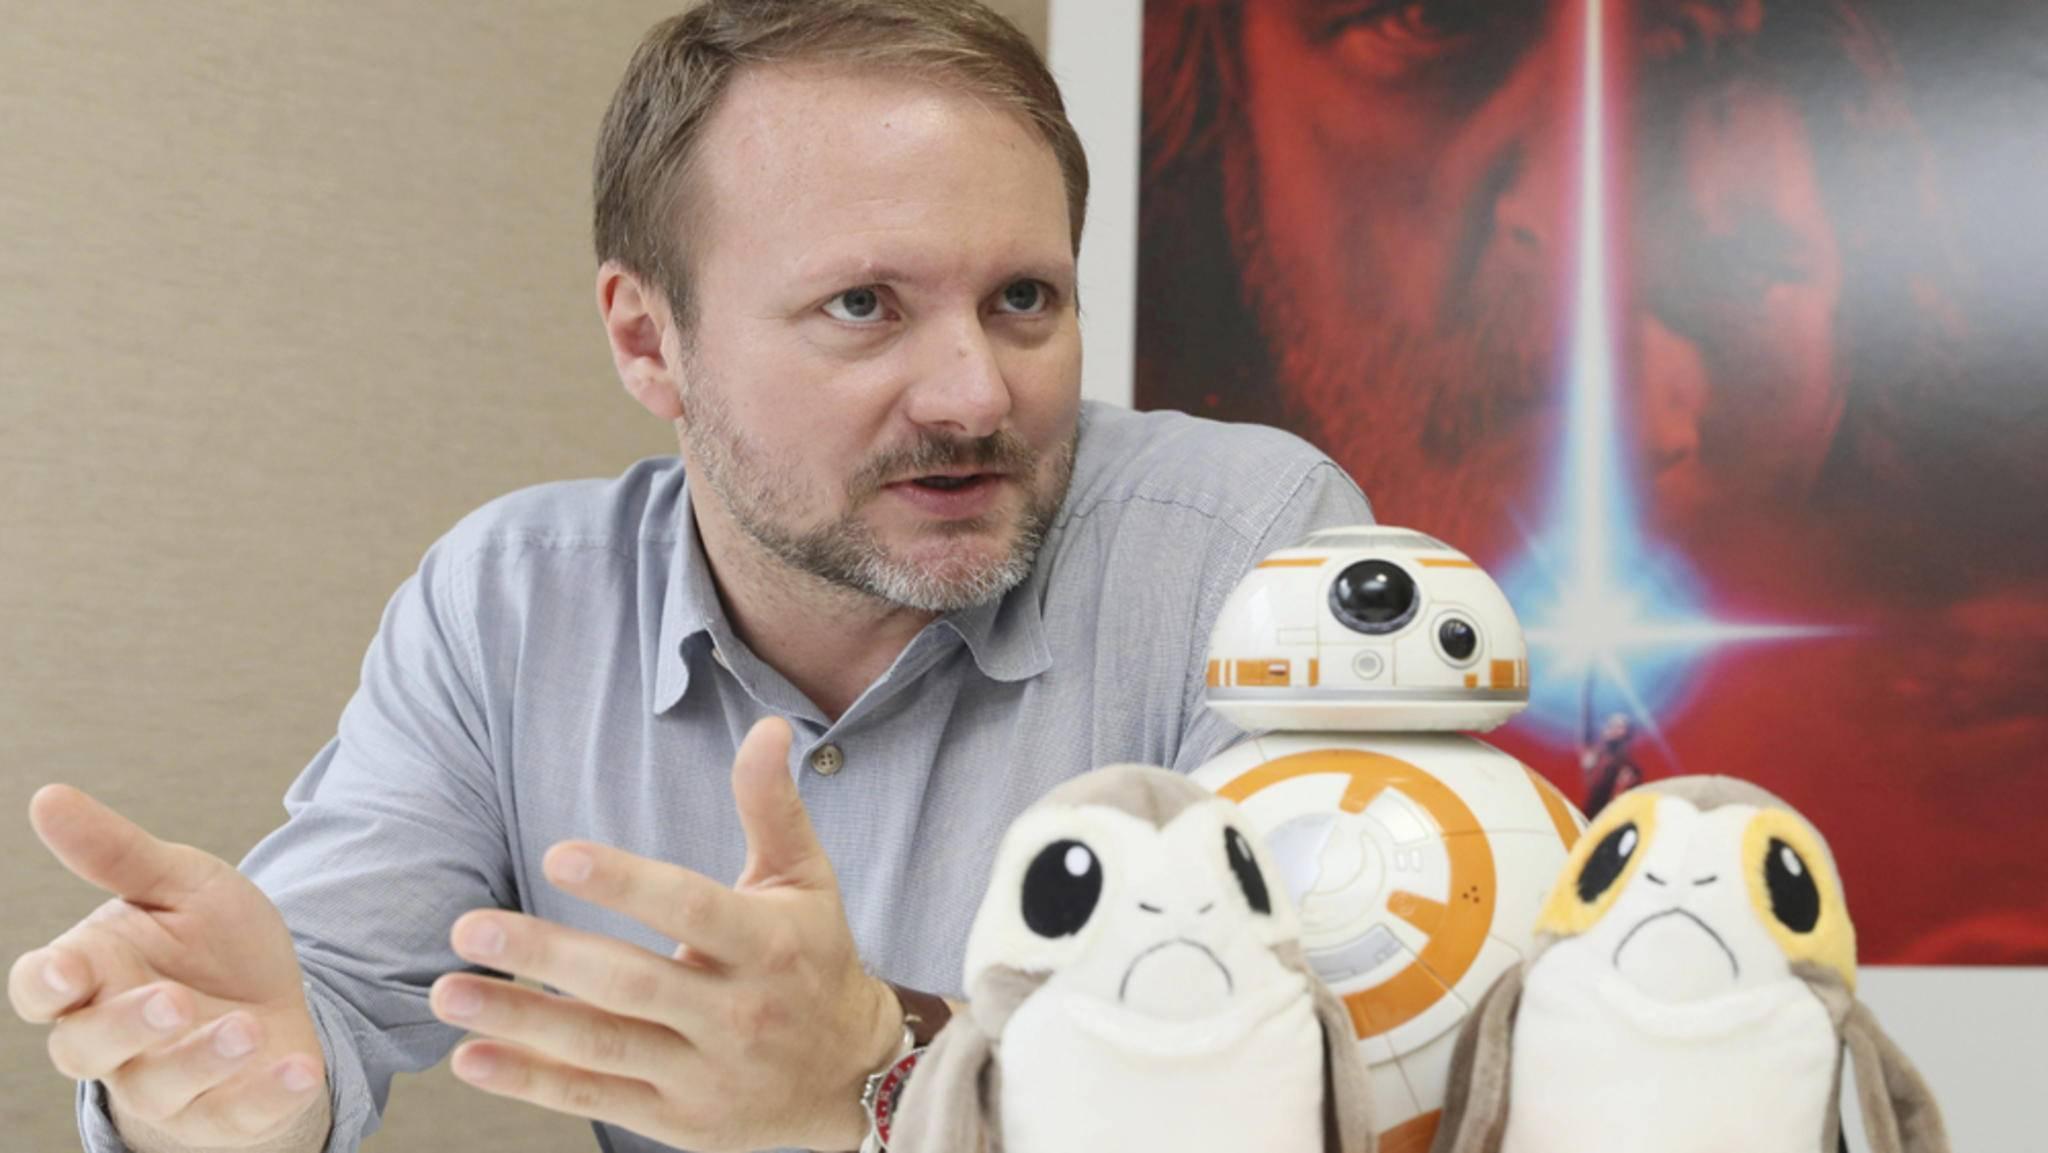 """Dank Rian Johnson erwartet uns bald noch mehr """"Star Wars""""."""